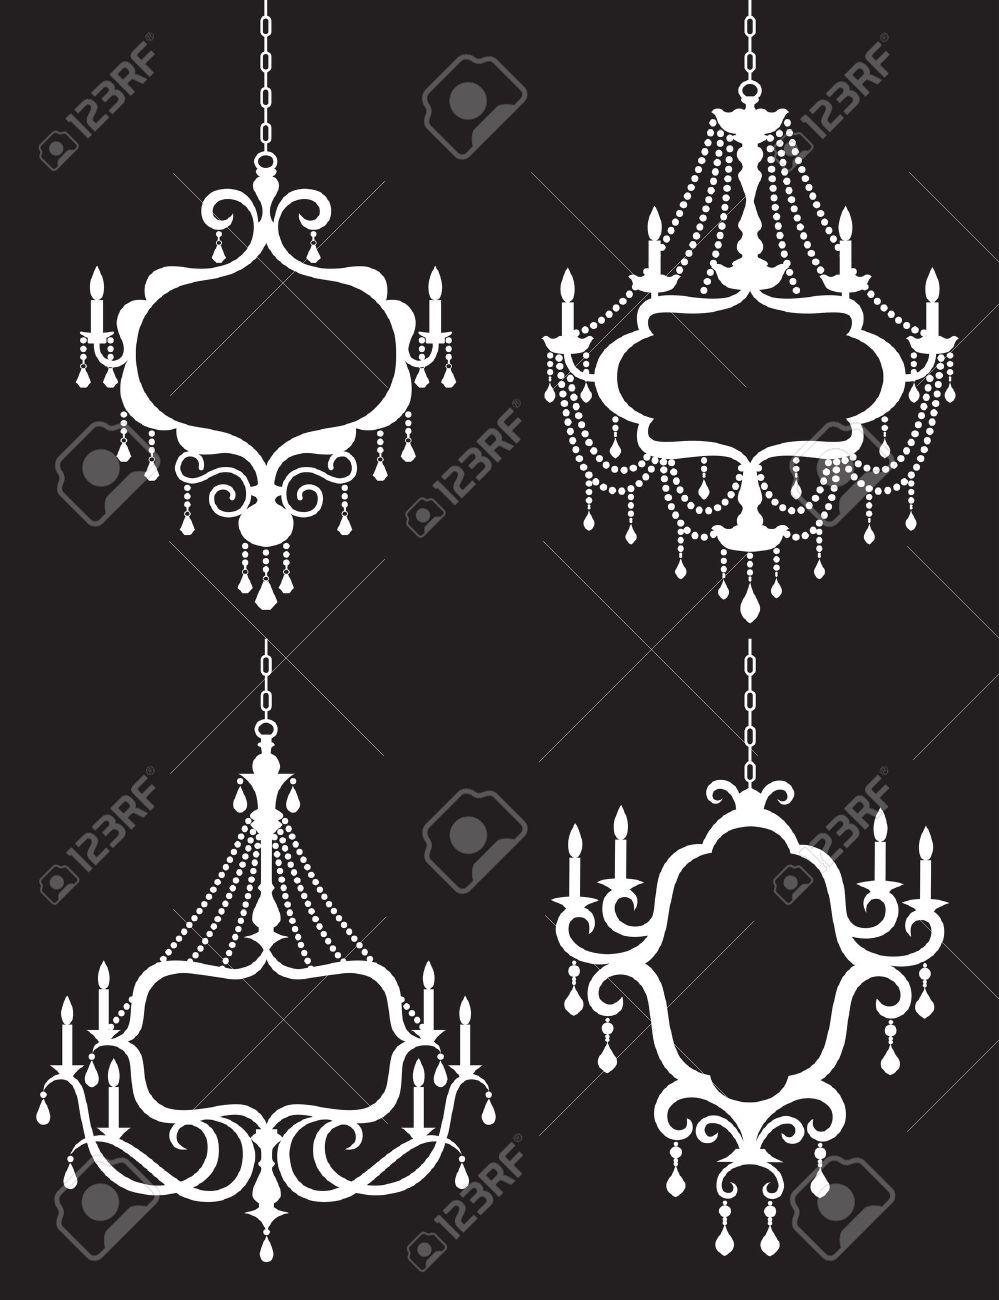 Vector illustration of chandelier frame set - 20562075